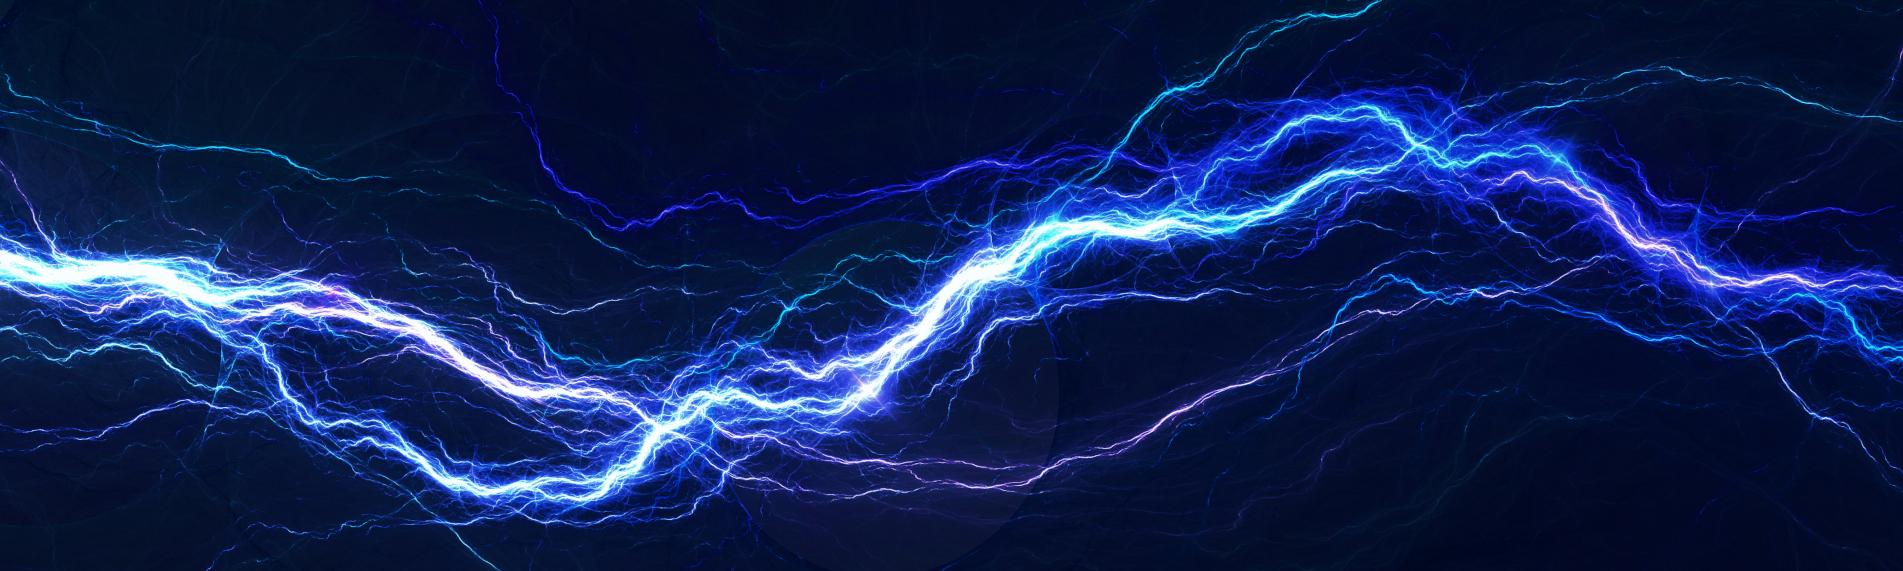 Undgå problemer med statisk elektricitet med den rette luftfugtighed